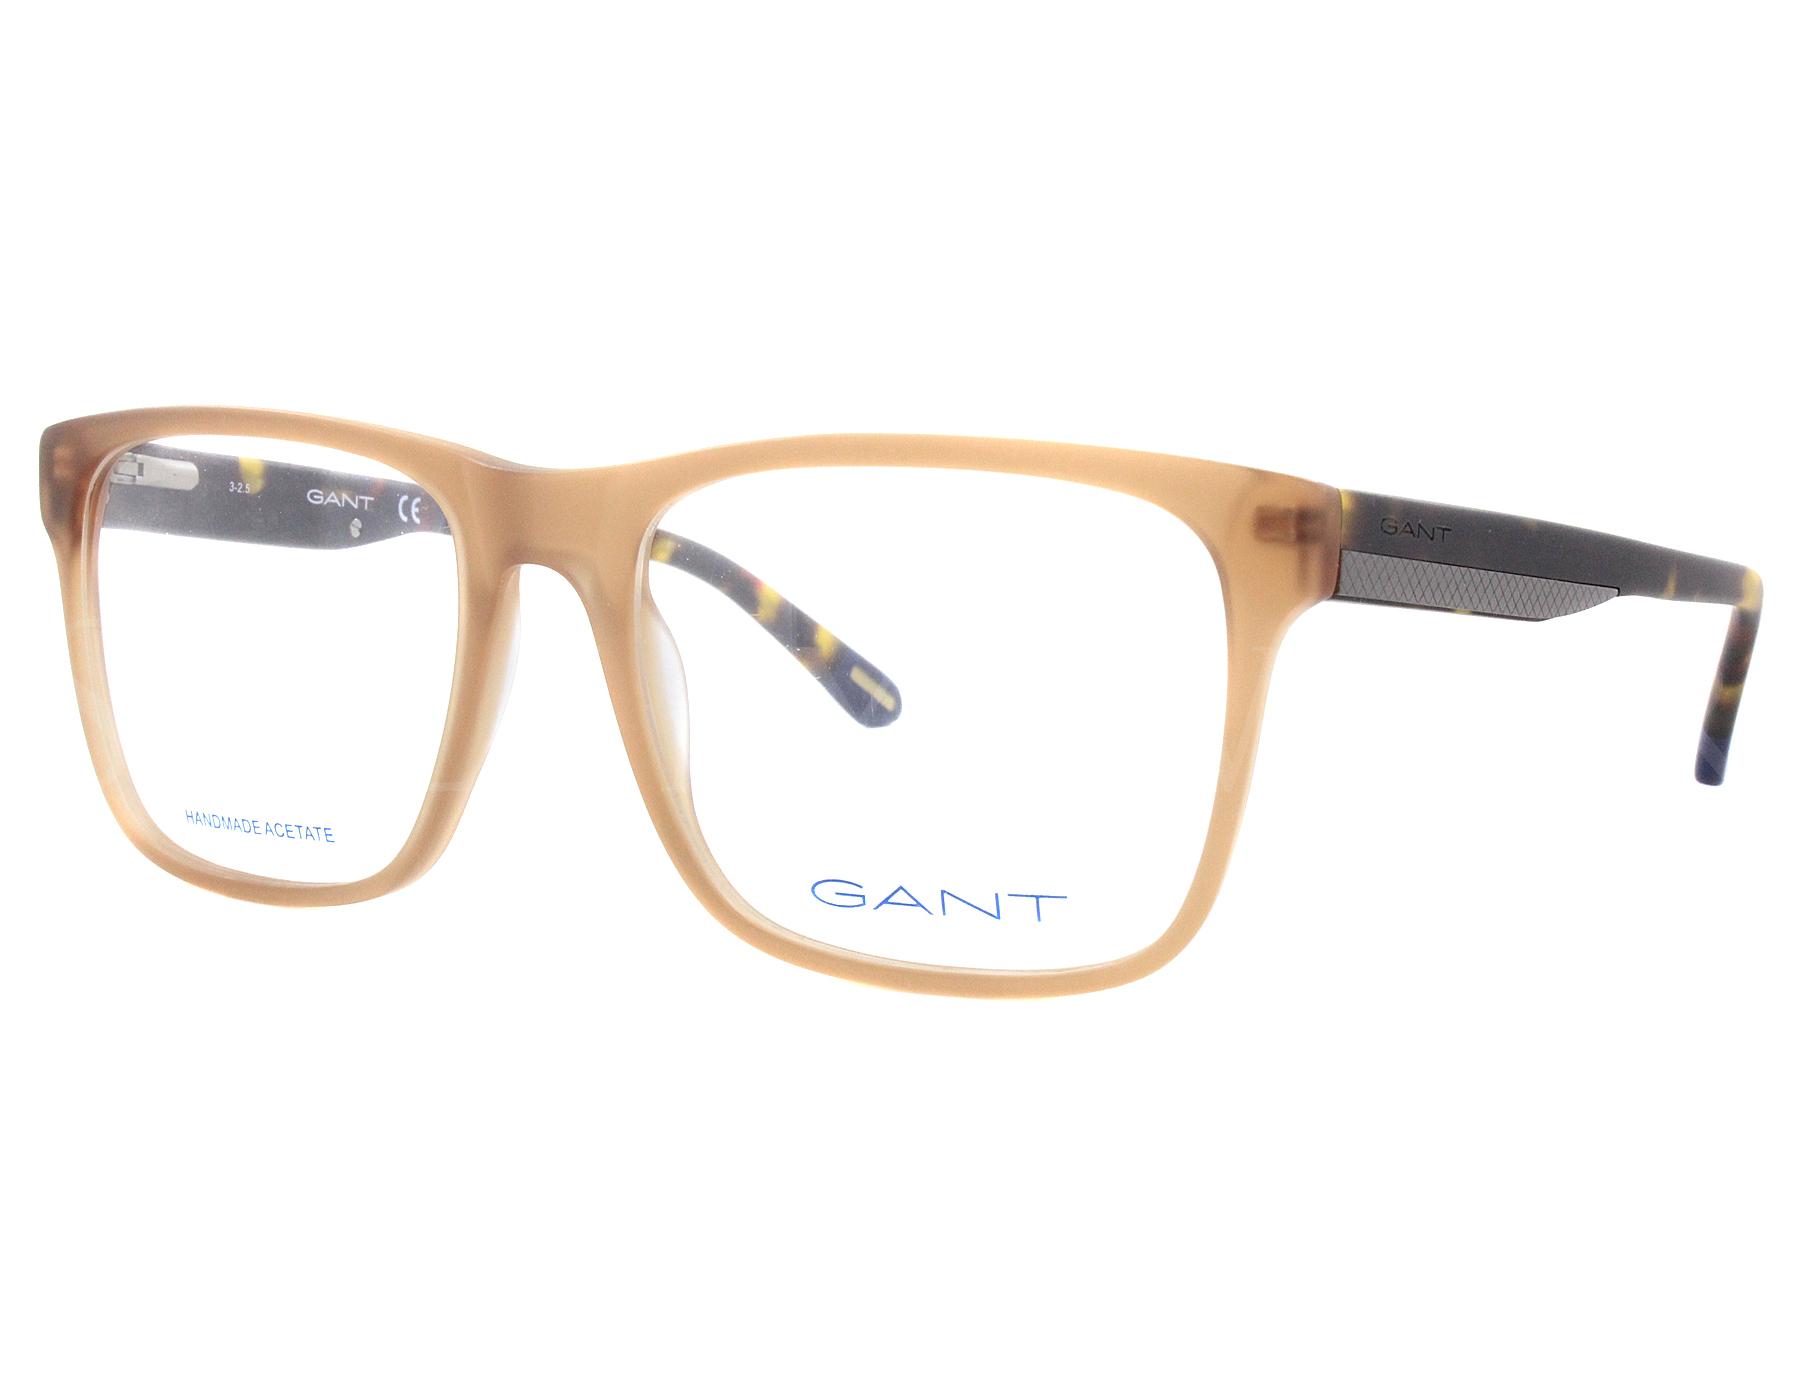 5770be7449a6 Details about NEW Gant GA 3122 046 54mm Light Brown Optical Eyeglasses  Frames